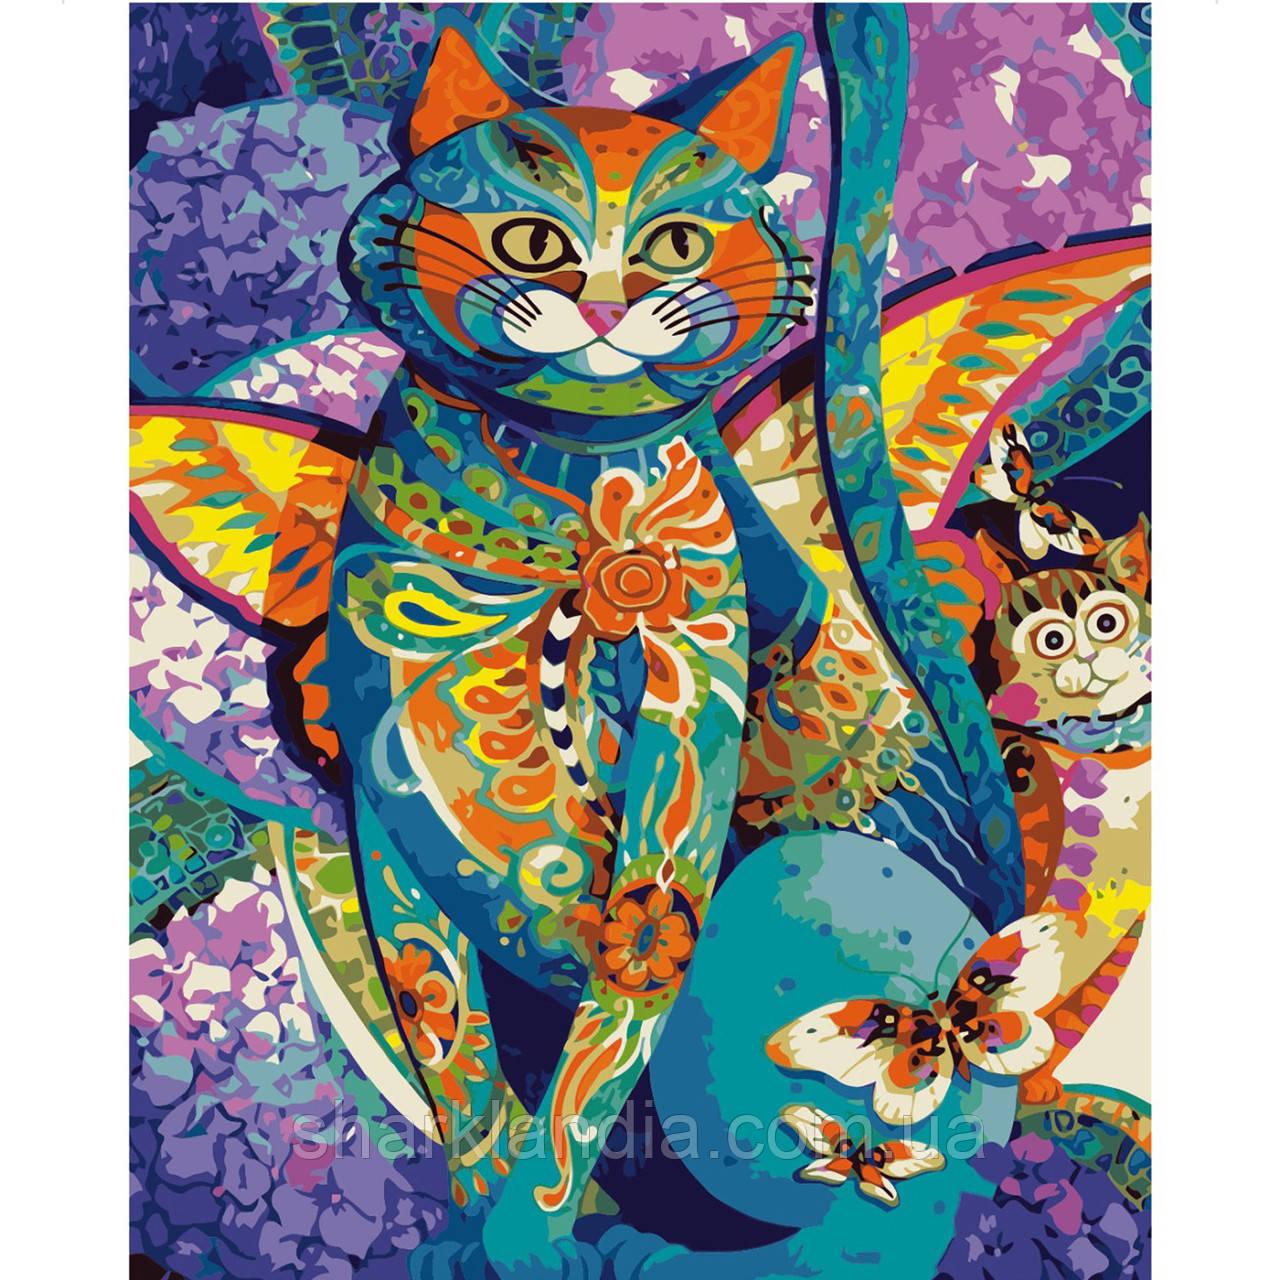 Картина по Номерам Кот из цветных мотивов 40х50см Strateg